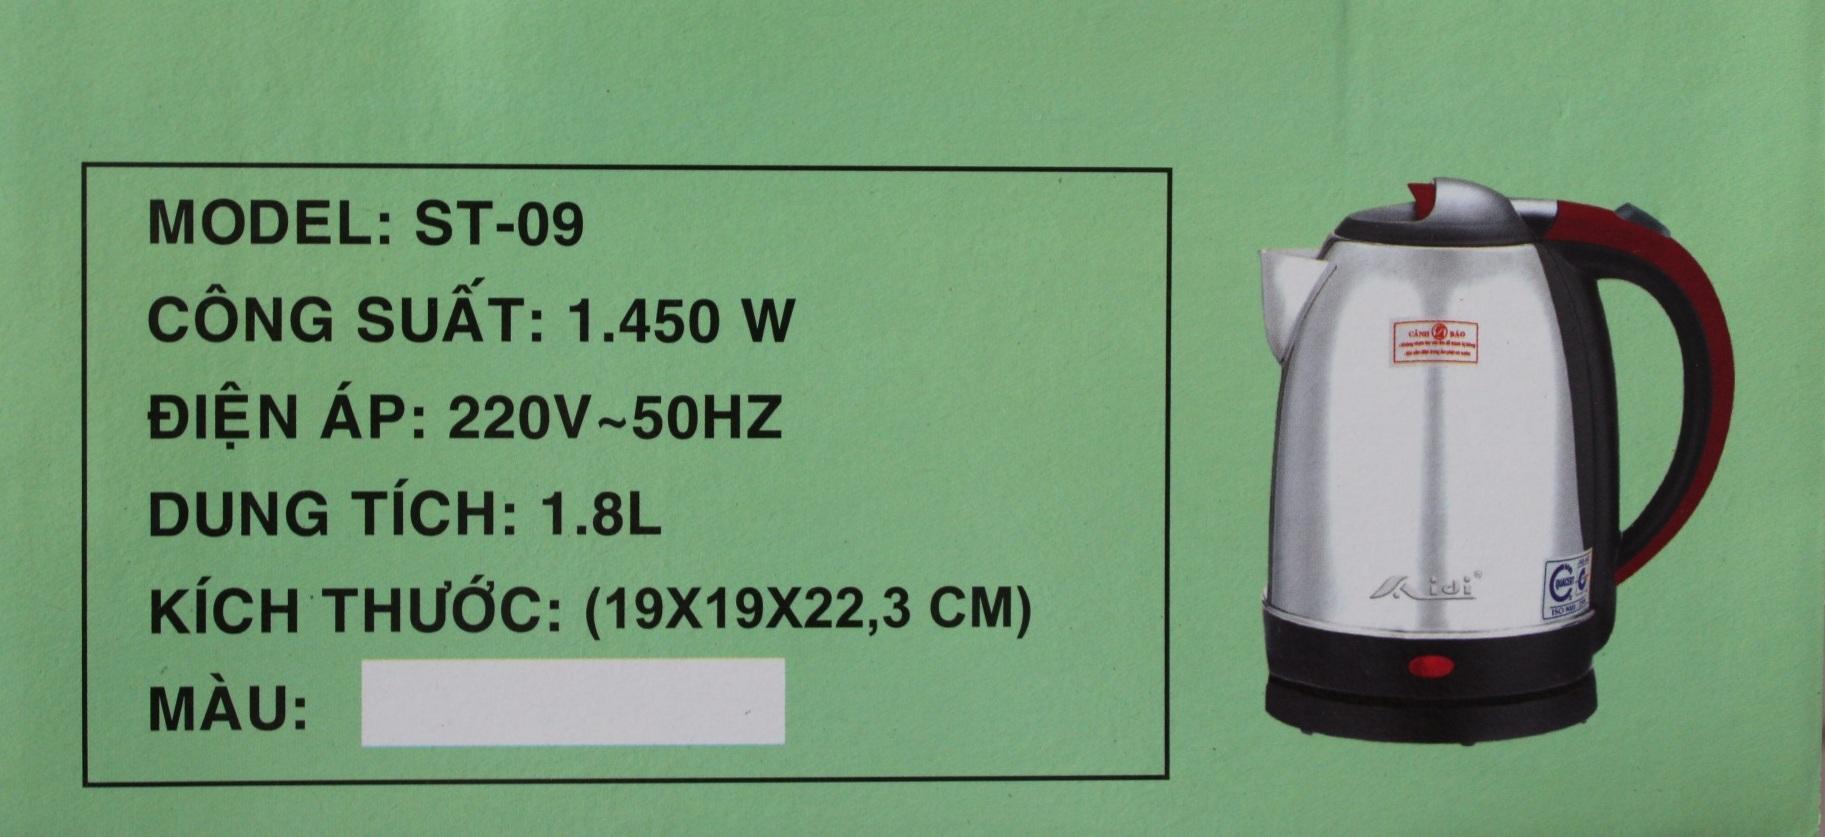 Bình Ấm Điện Siêu Tốc Aidi ST-09 (1,8 lít) - Màu Ngẫu Nhiên - Hàng Chính Hãng